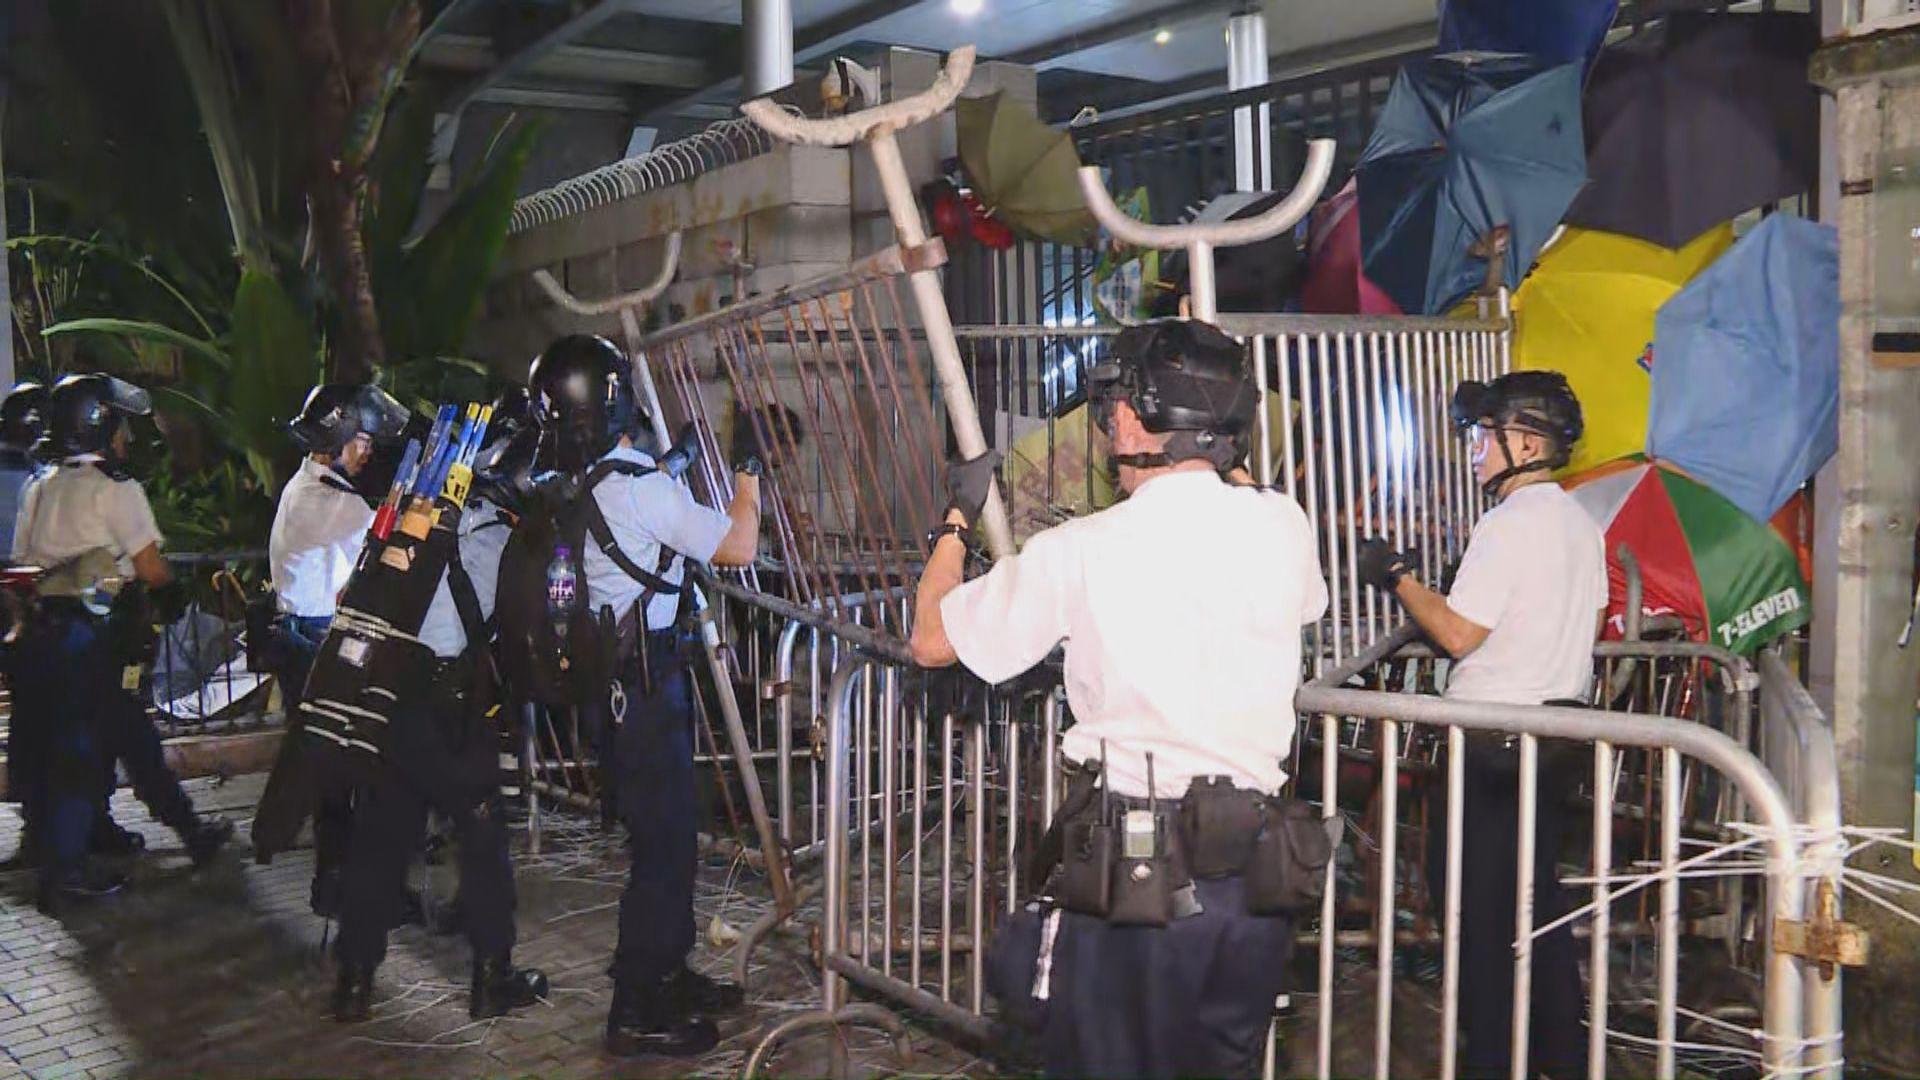 警方在警總外清場 拆除鐵馬和路障